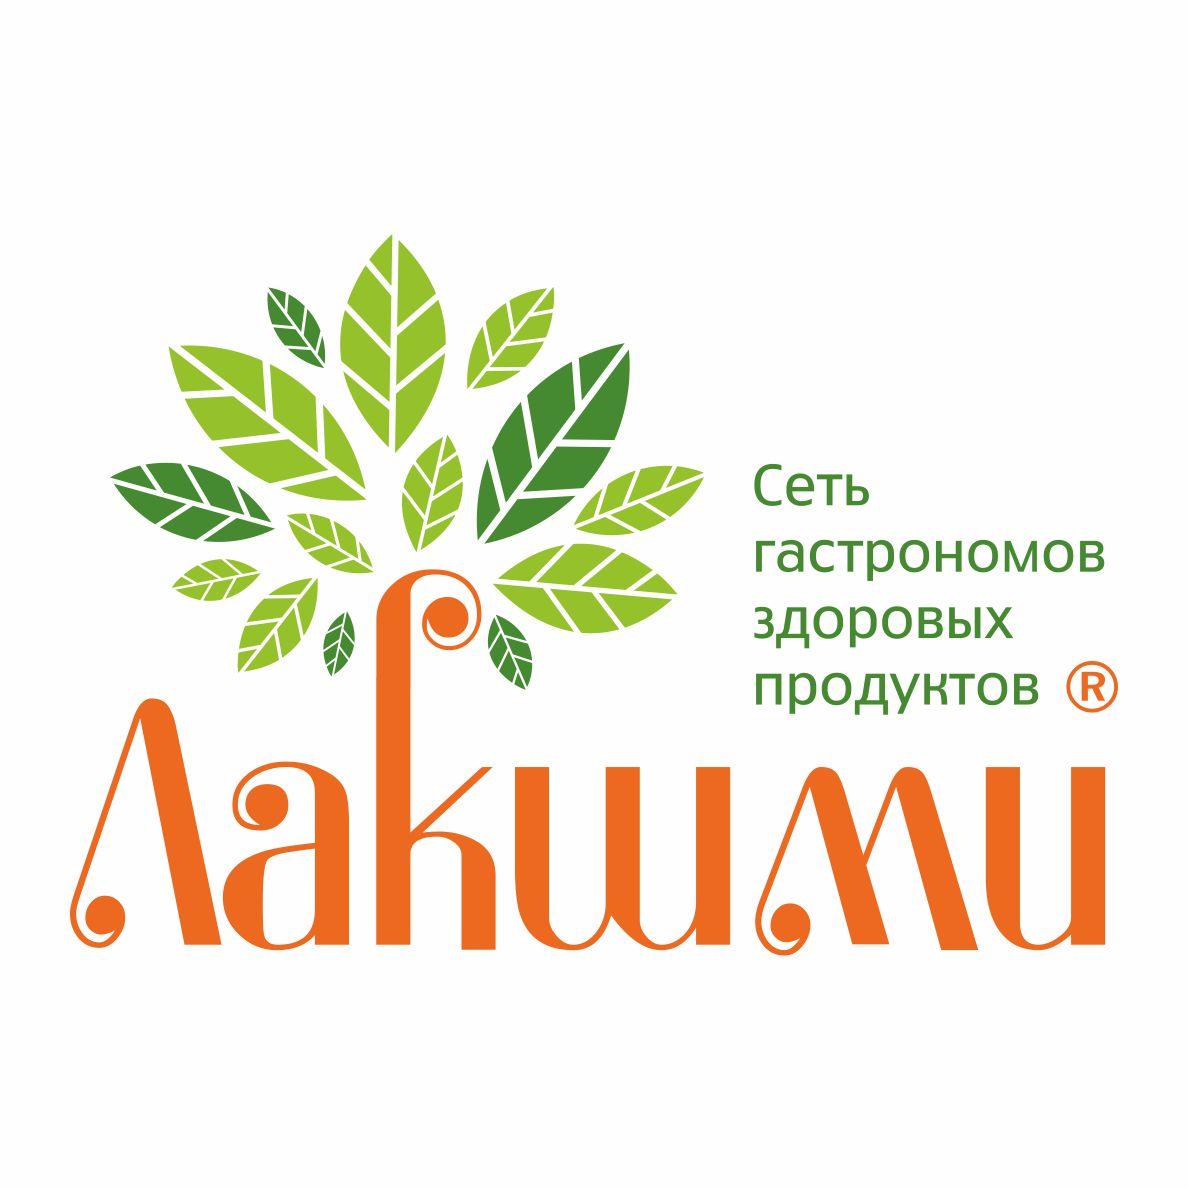 Сеть гастрономов здорового питания «Лакшми»